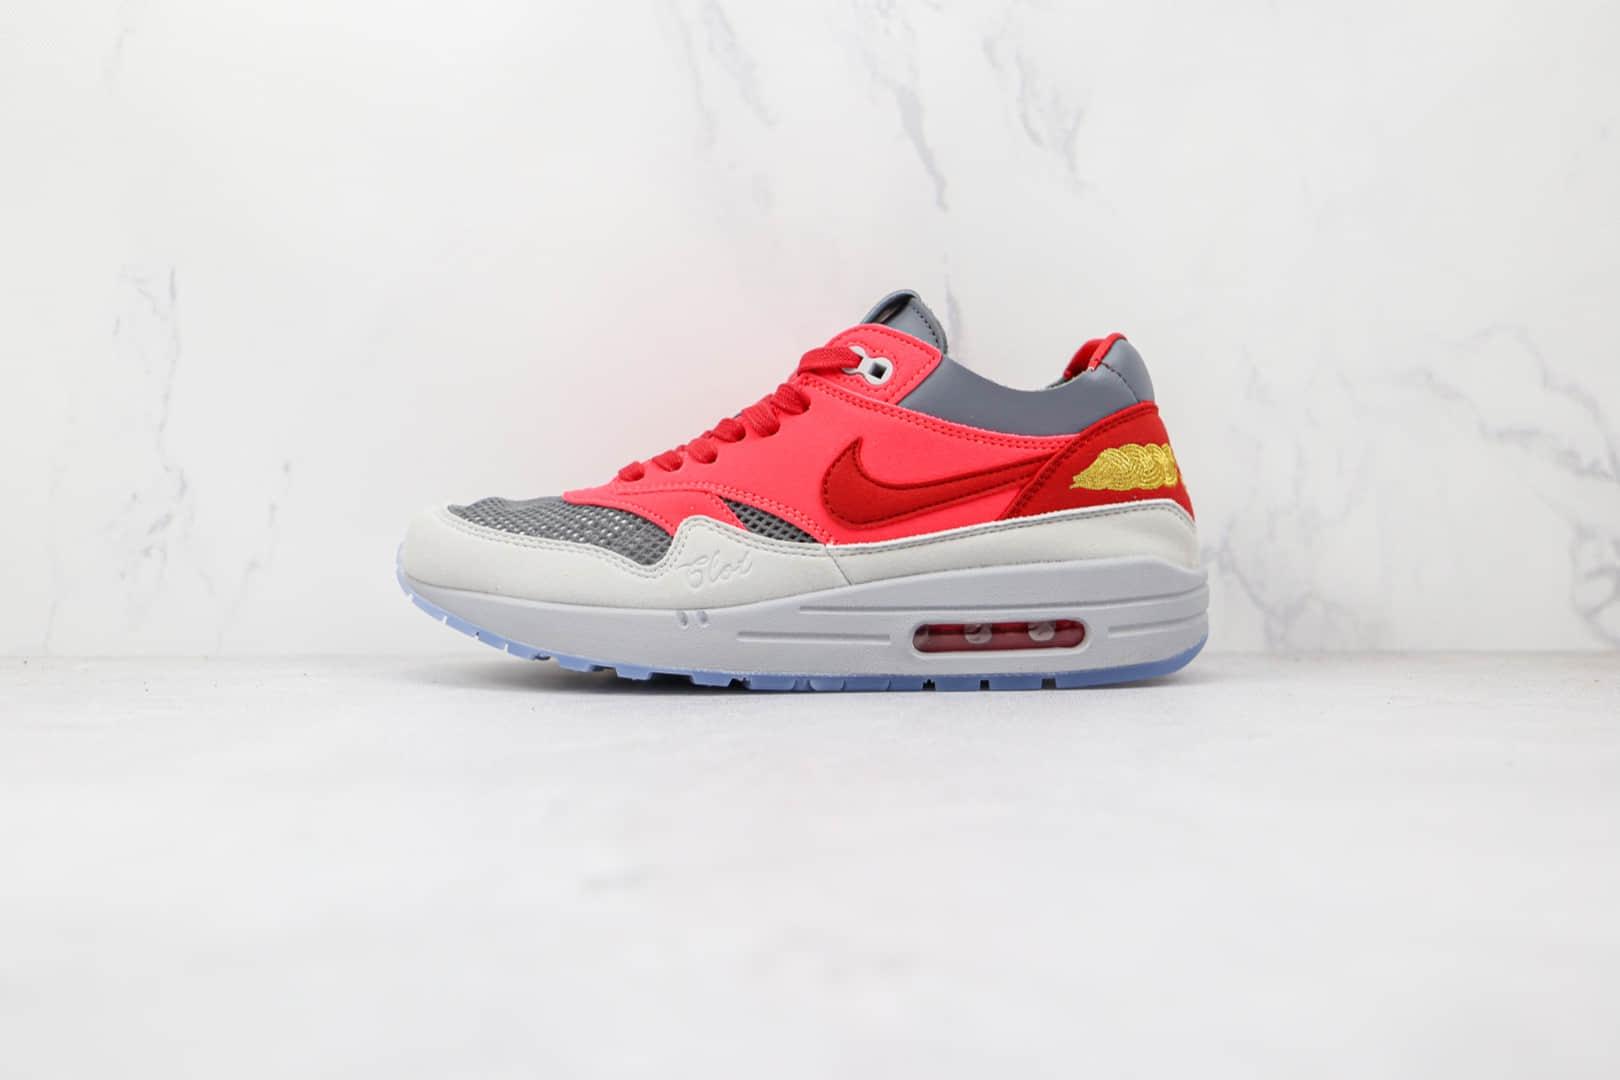 耐克Nike Air Max 1 Kiss of Death x CLOT联名款纯原版本死亡之吻3.0太阳灰红运动鞋原楦头纸板打造 货号:DD1870-600